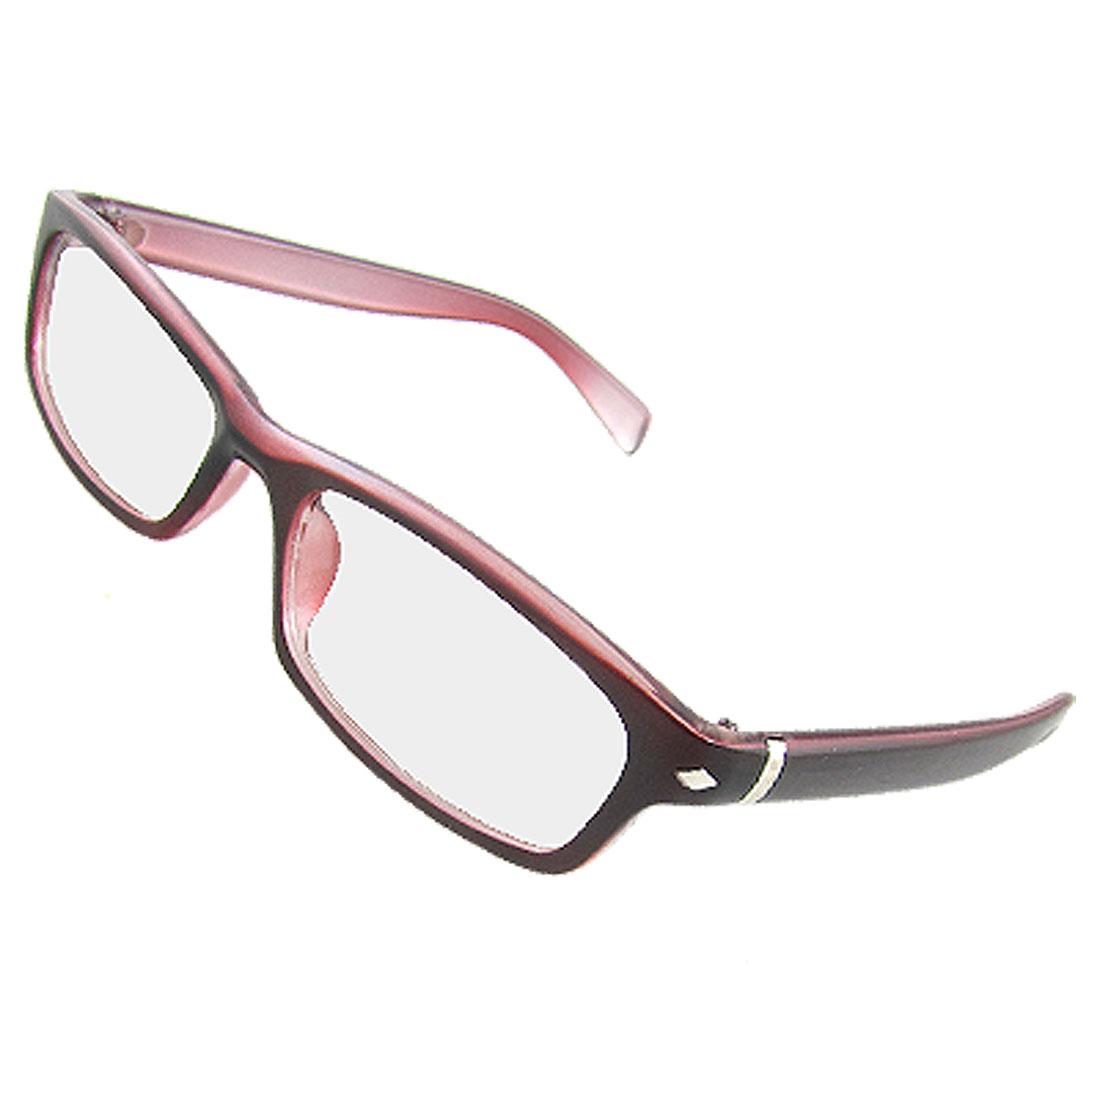 Dark Red Arms Full Frame Multi Coated Lens Plain Glasses for Ladies